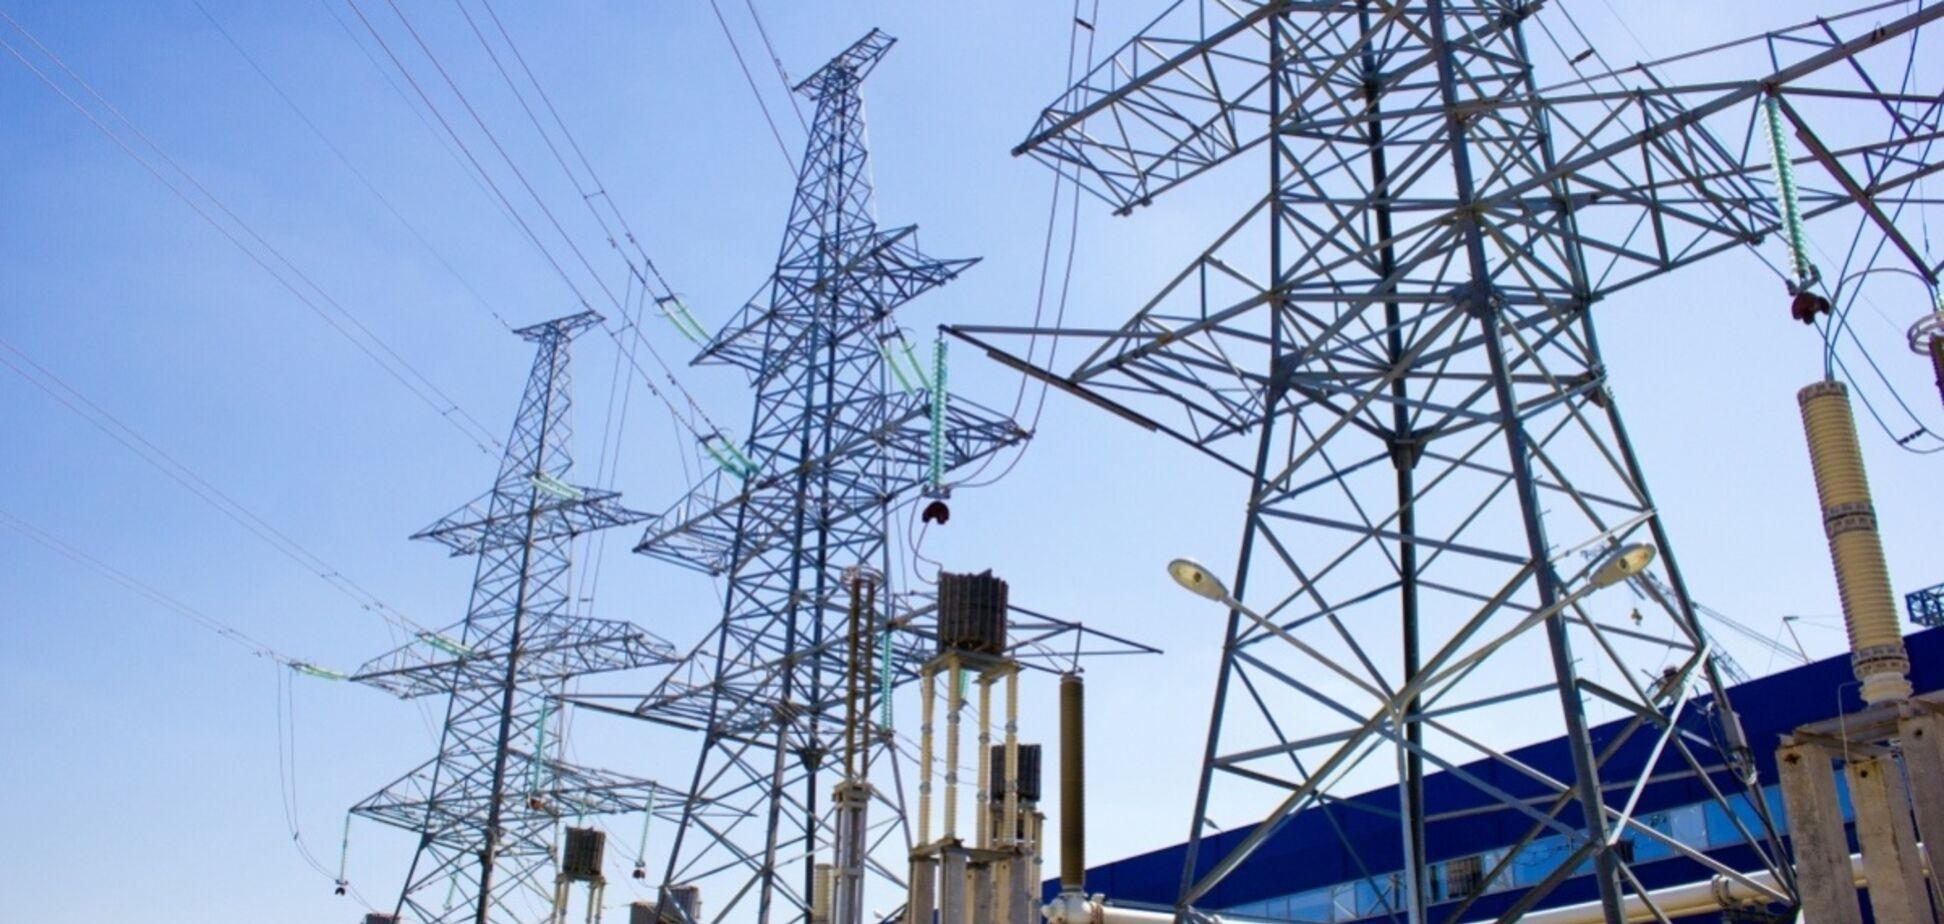 Эксперт назвал предпосылки для новых тарифов на электроэнергию в Украине